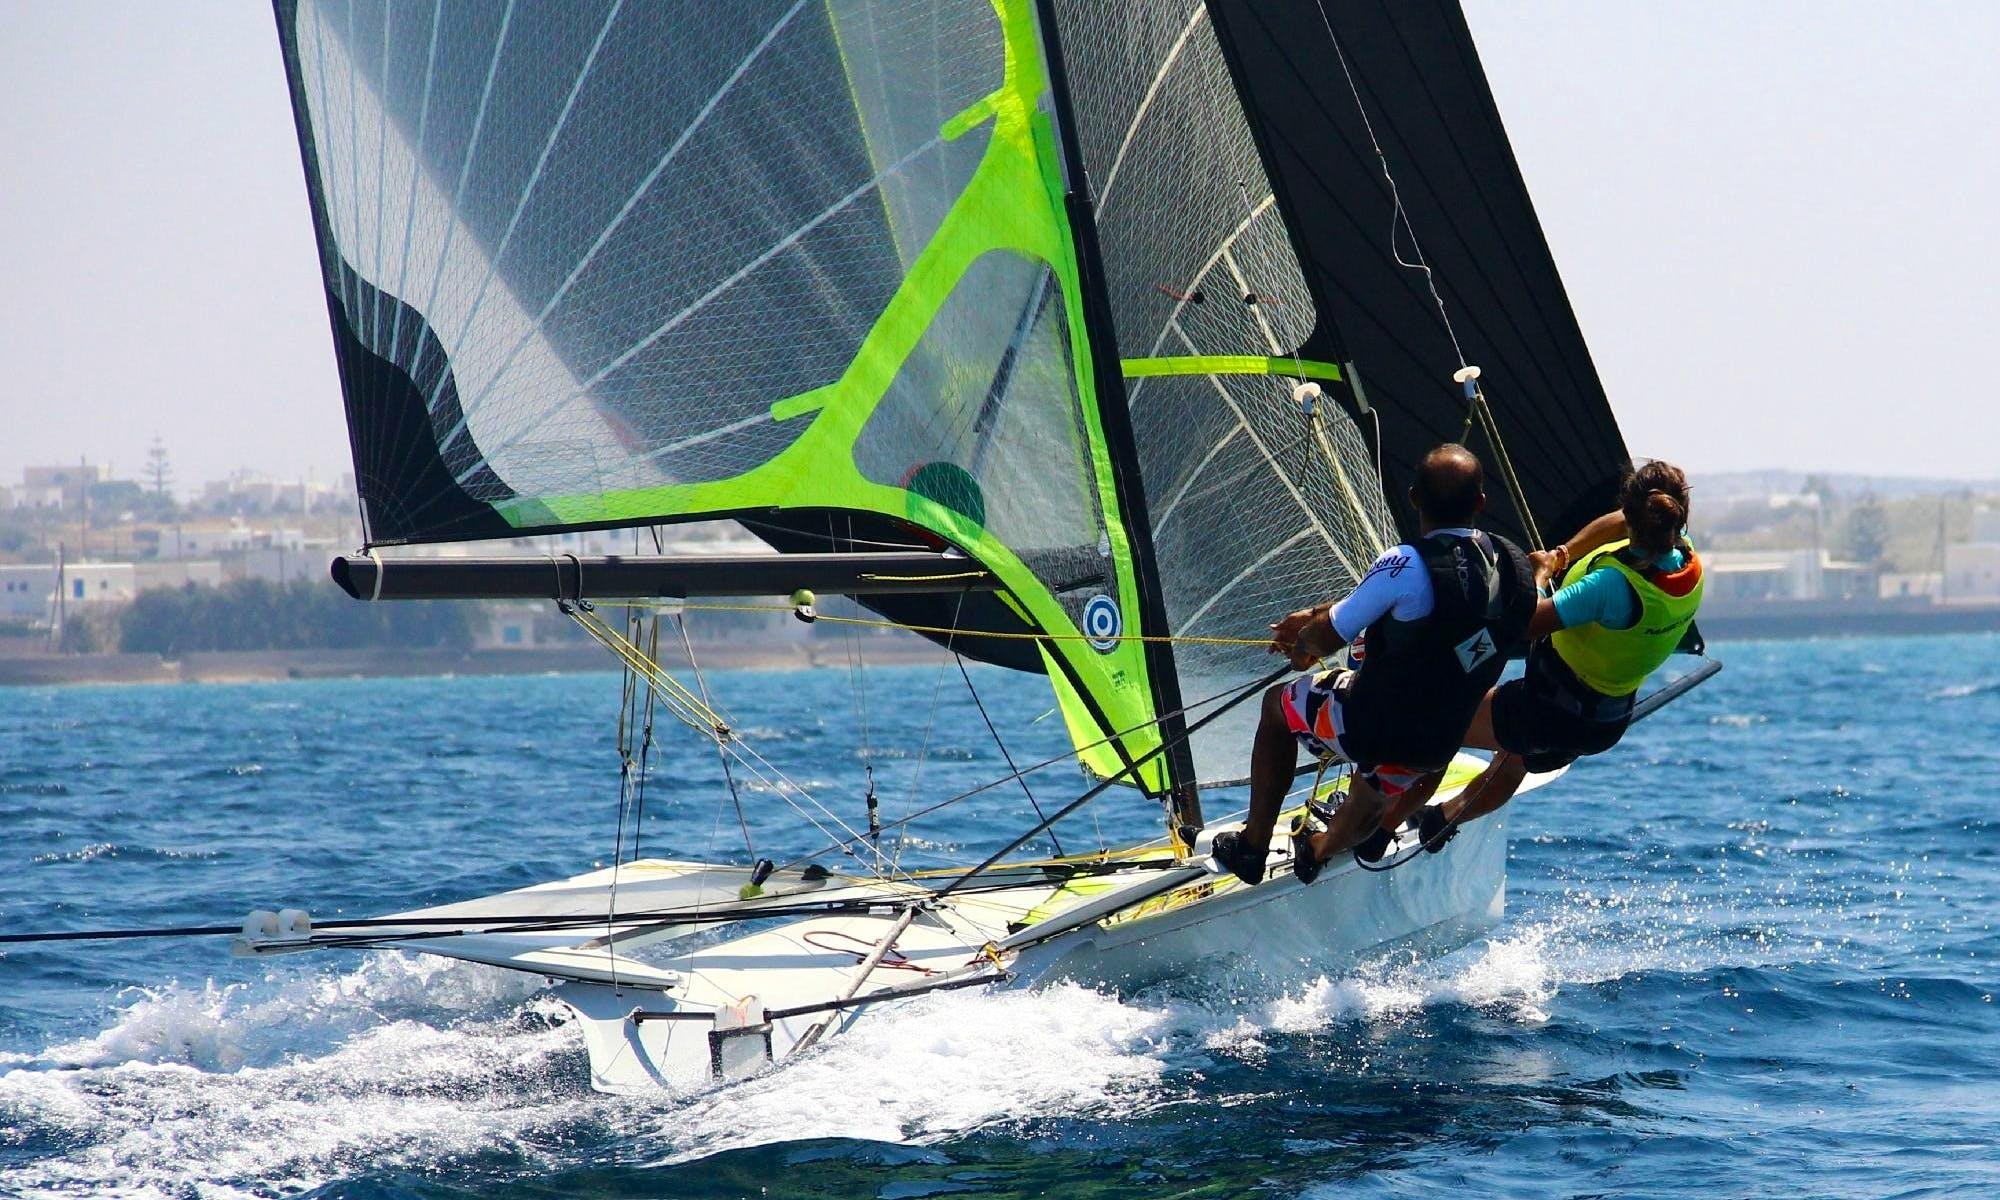 Skiff Private Sailing Lessons in Paros - Naoussa Sailing Team